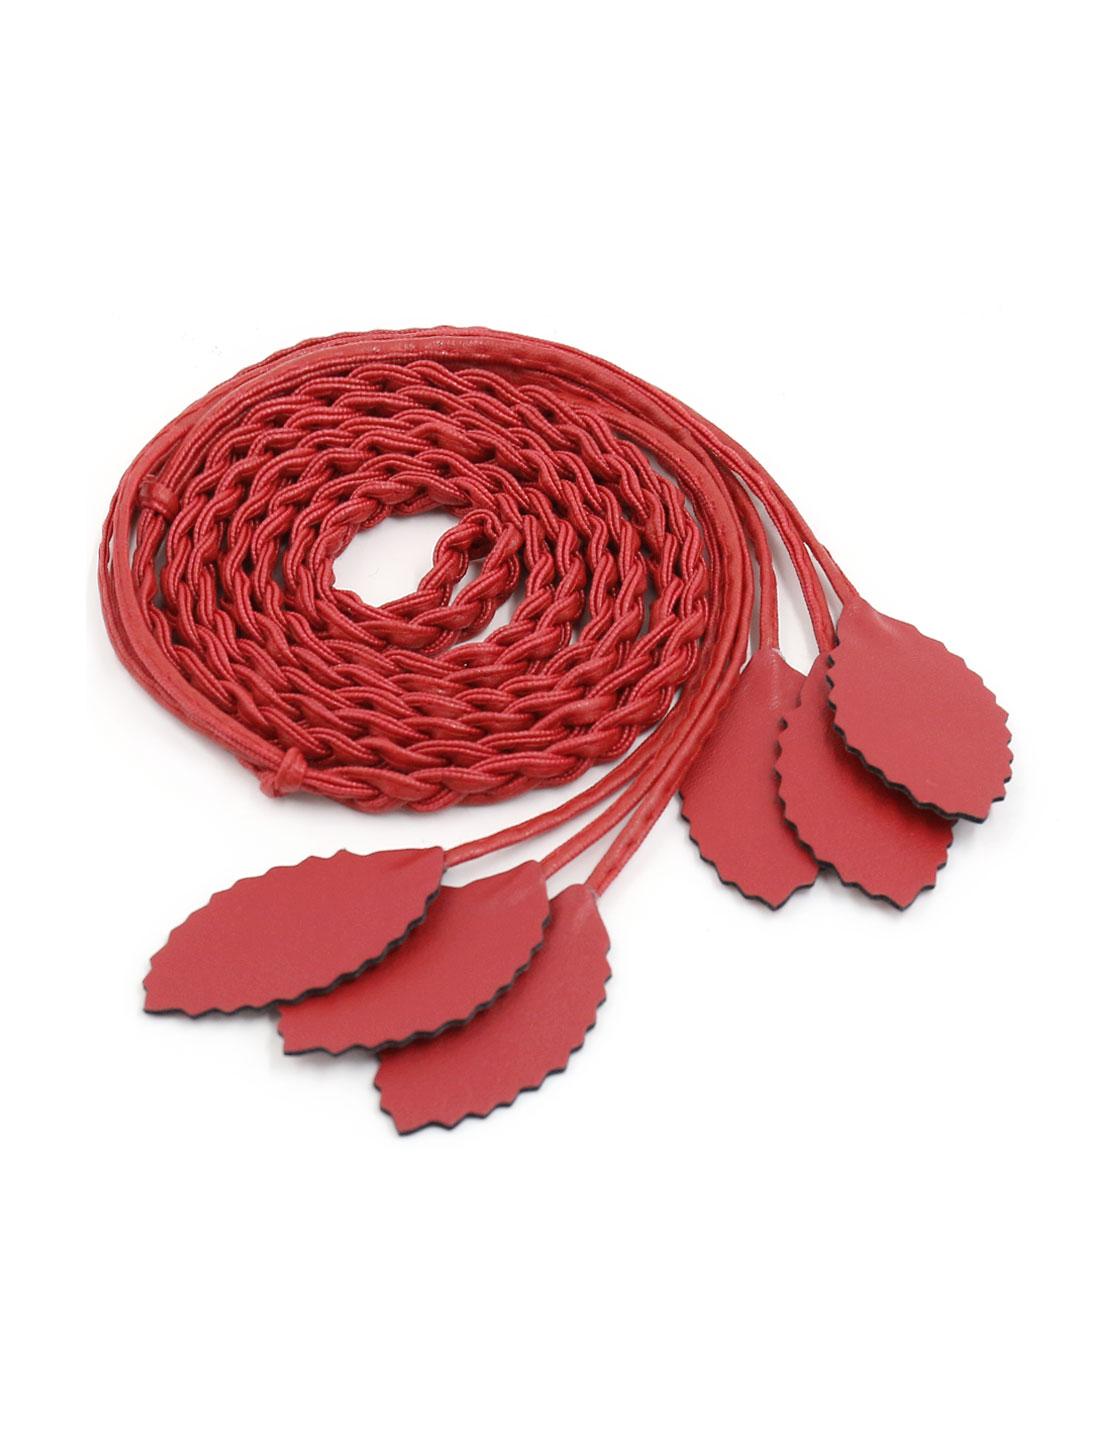 Women Self Tie Leaves Skinny PU Braided Waist Belt Red